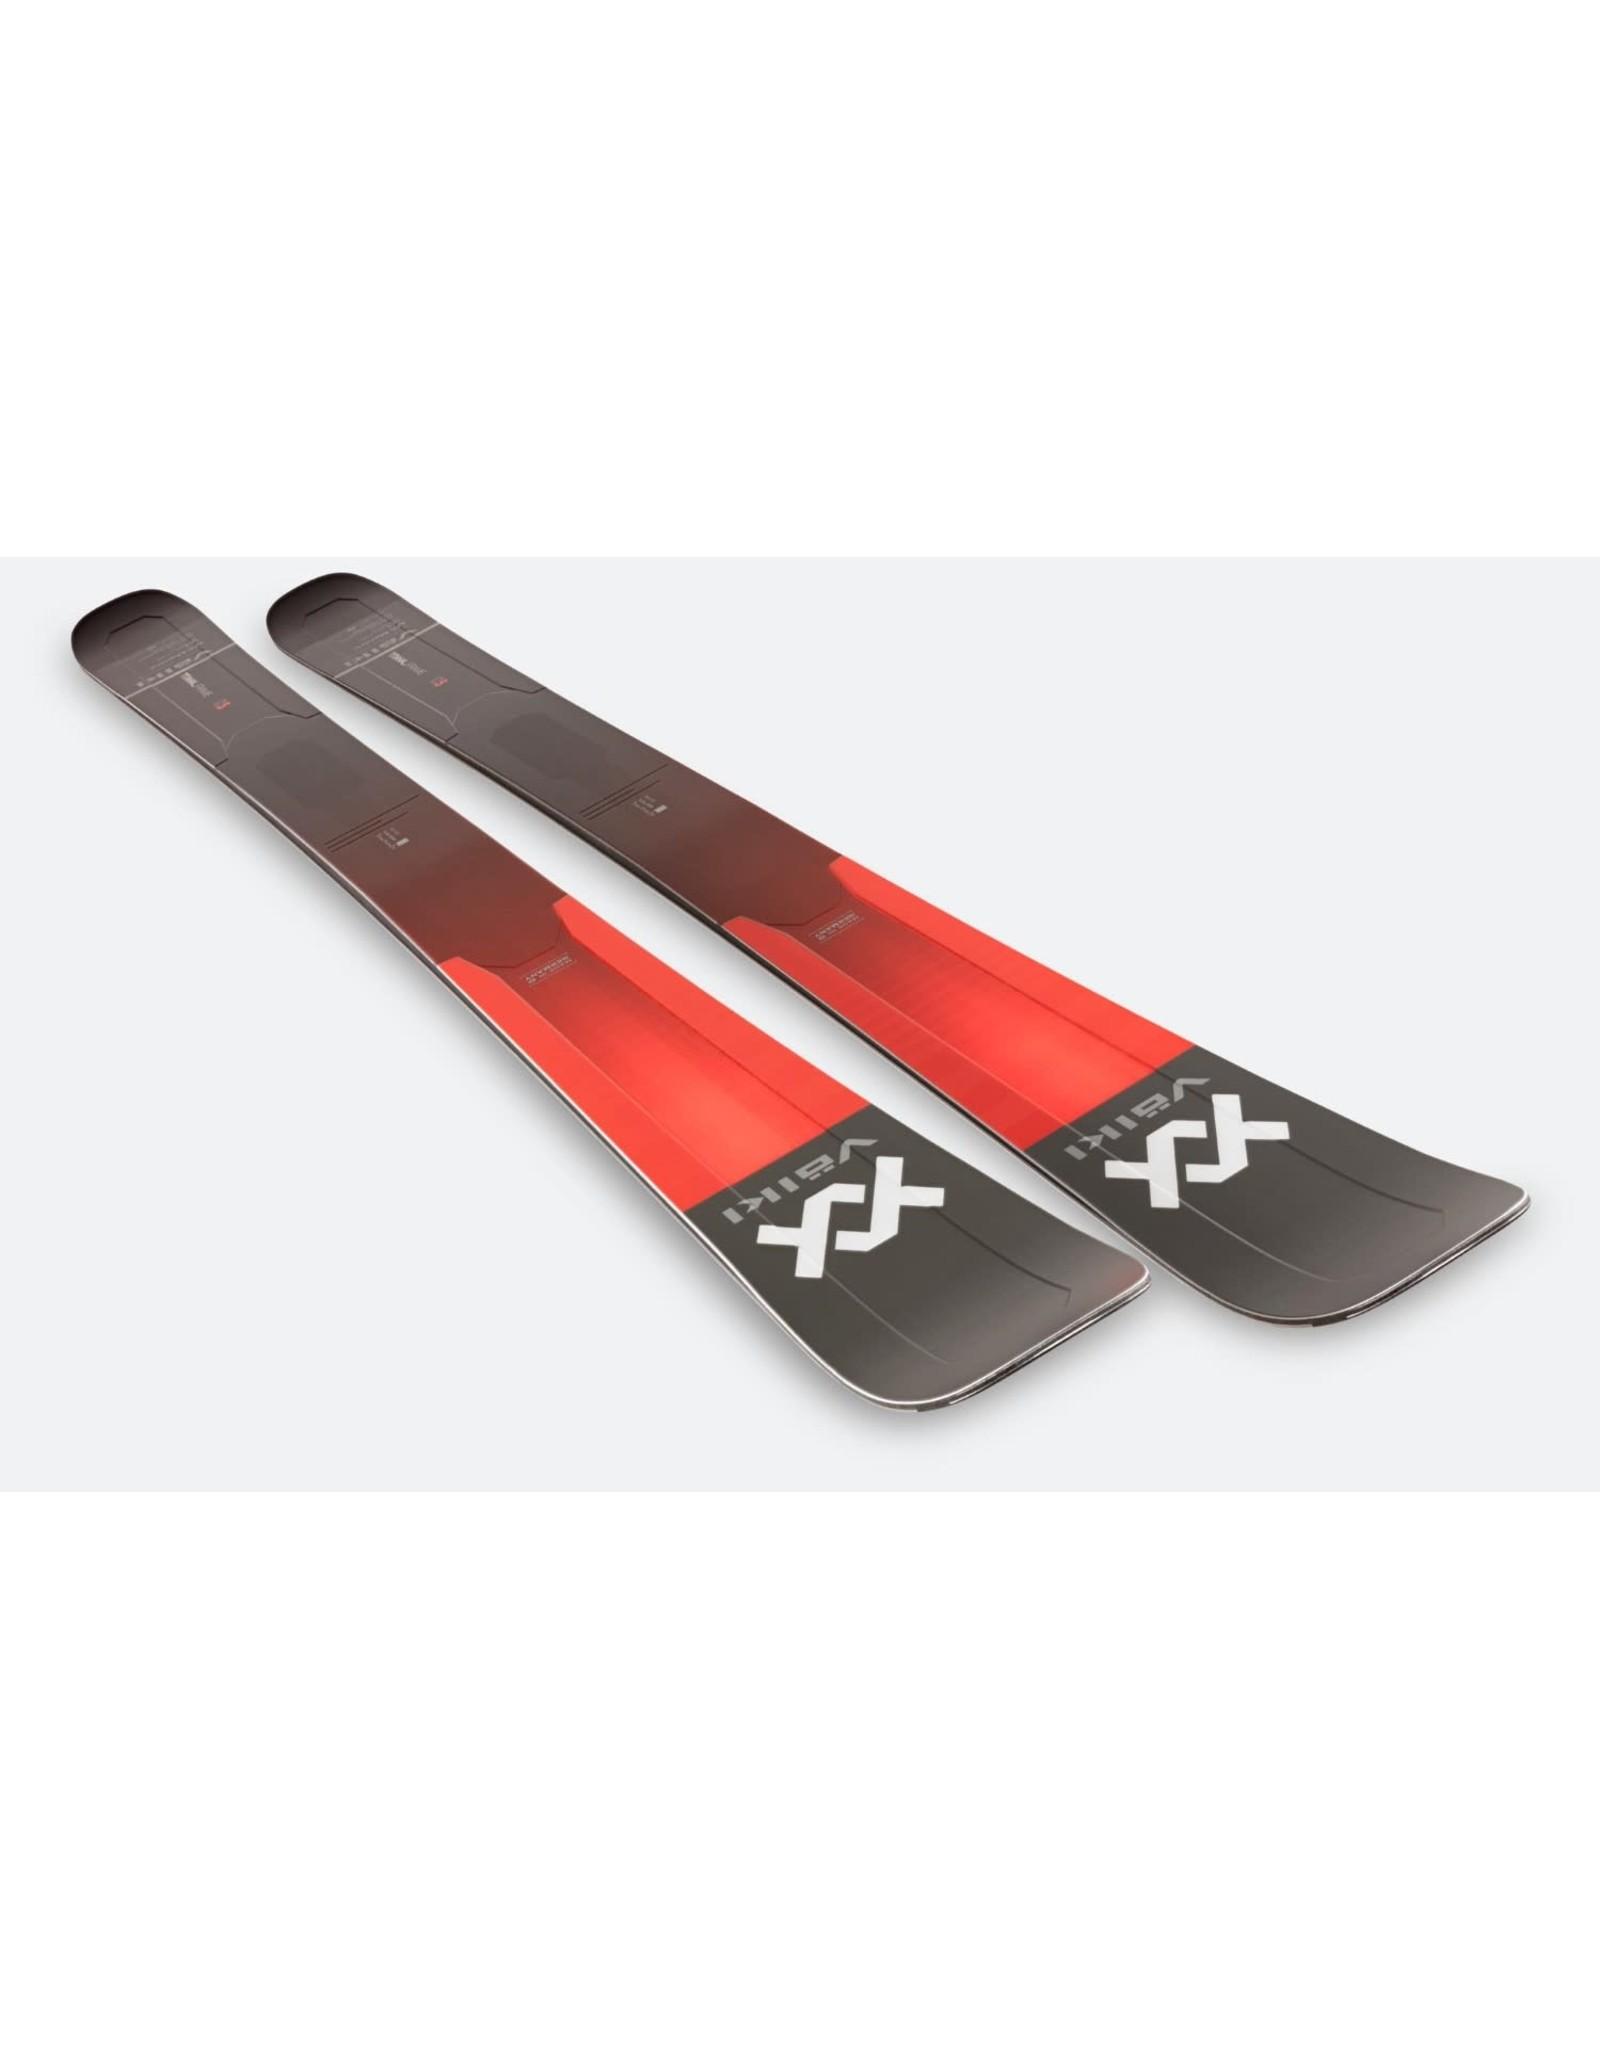 Volkl Volkl M5 Mantra Ski - Men